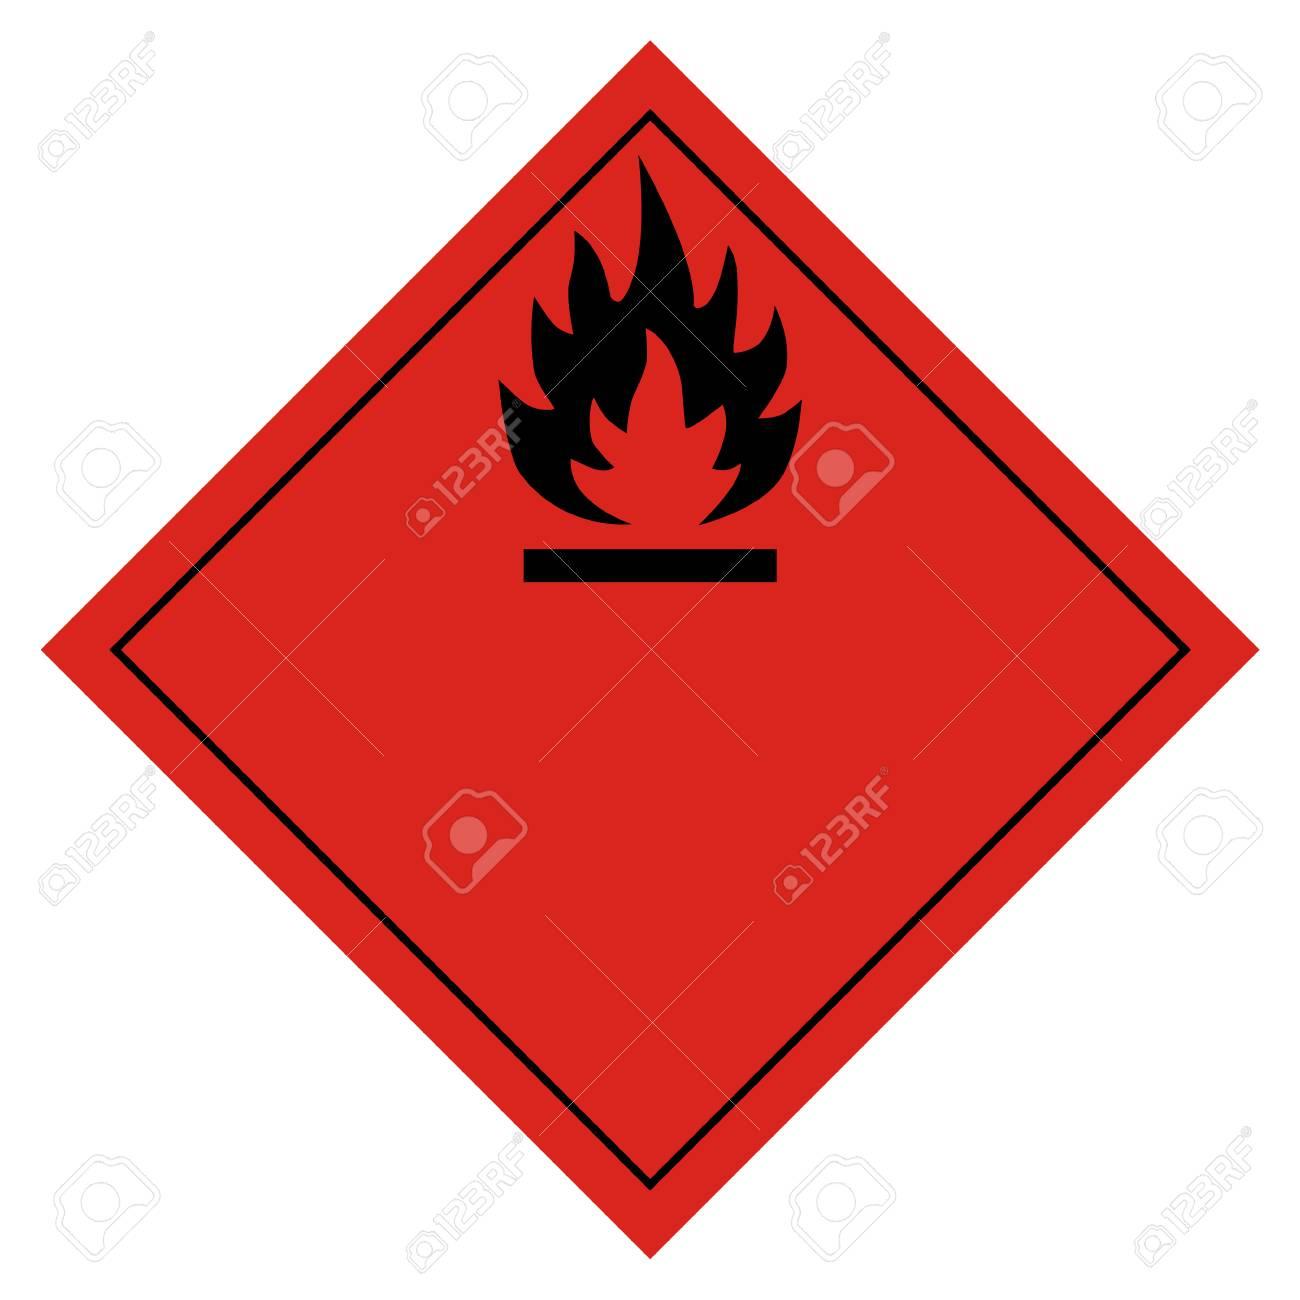 Raster illustration hazard pictogram- flammable transport sign isolated on white background. Dangerous goods transport - 94138553